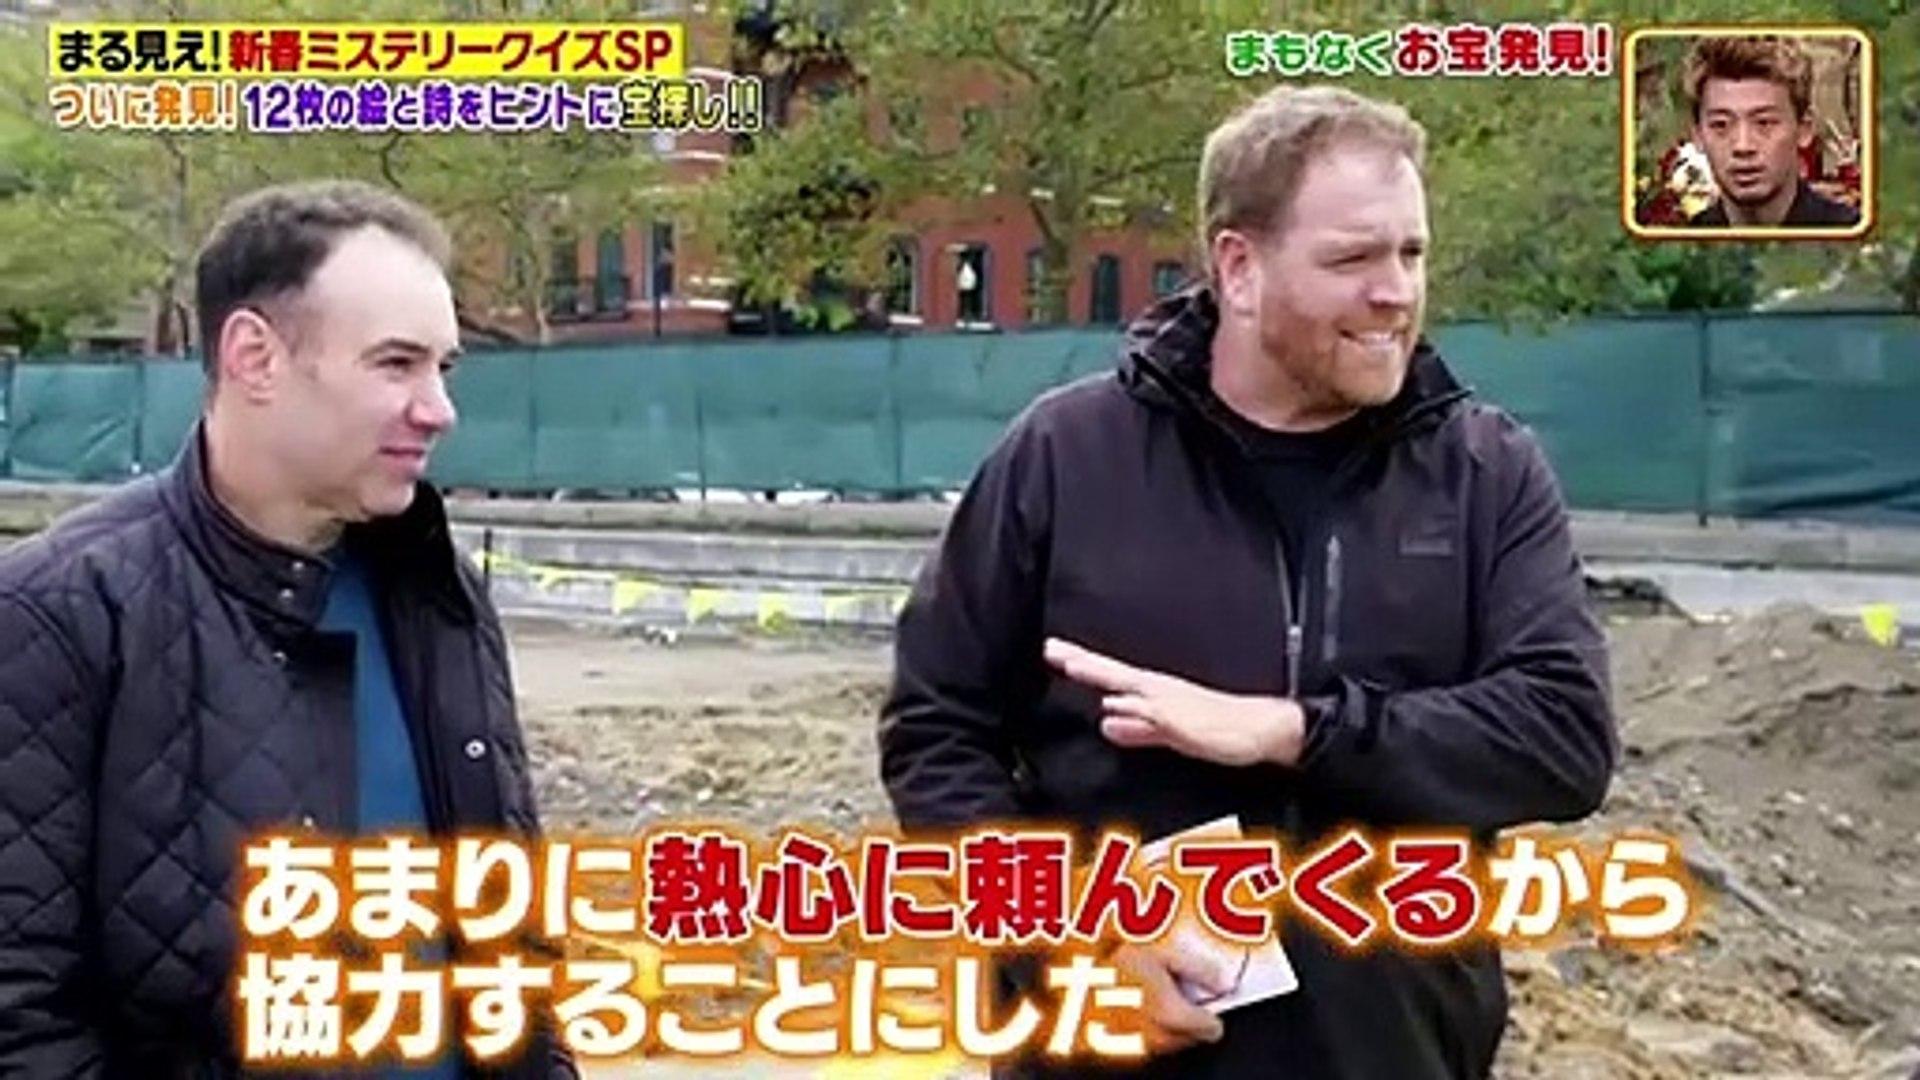 倉庫 ユーチューブ 動画